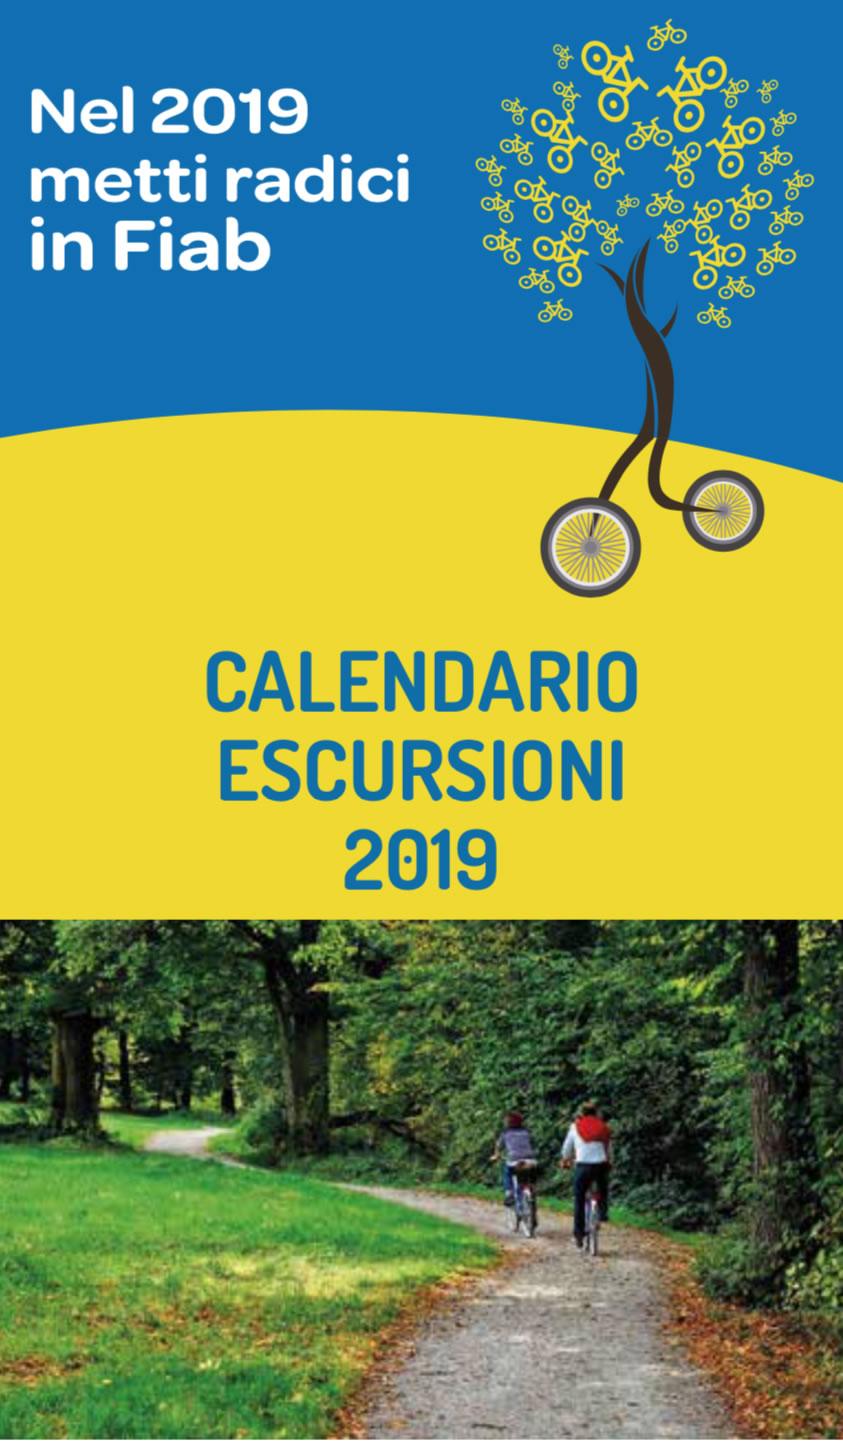 Calendario Marce Vicenza.Programma Escursioni Inverno 2018 2019 Fiab Vicenza Tuttinbici